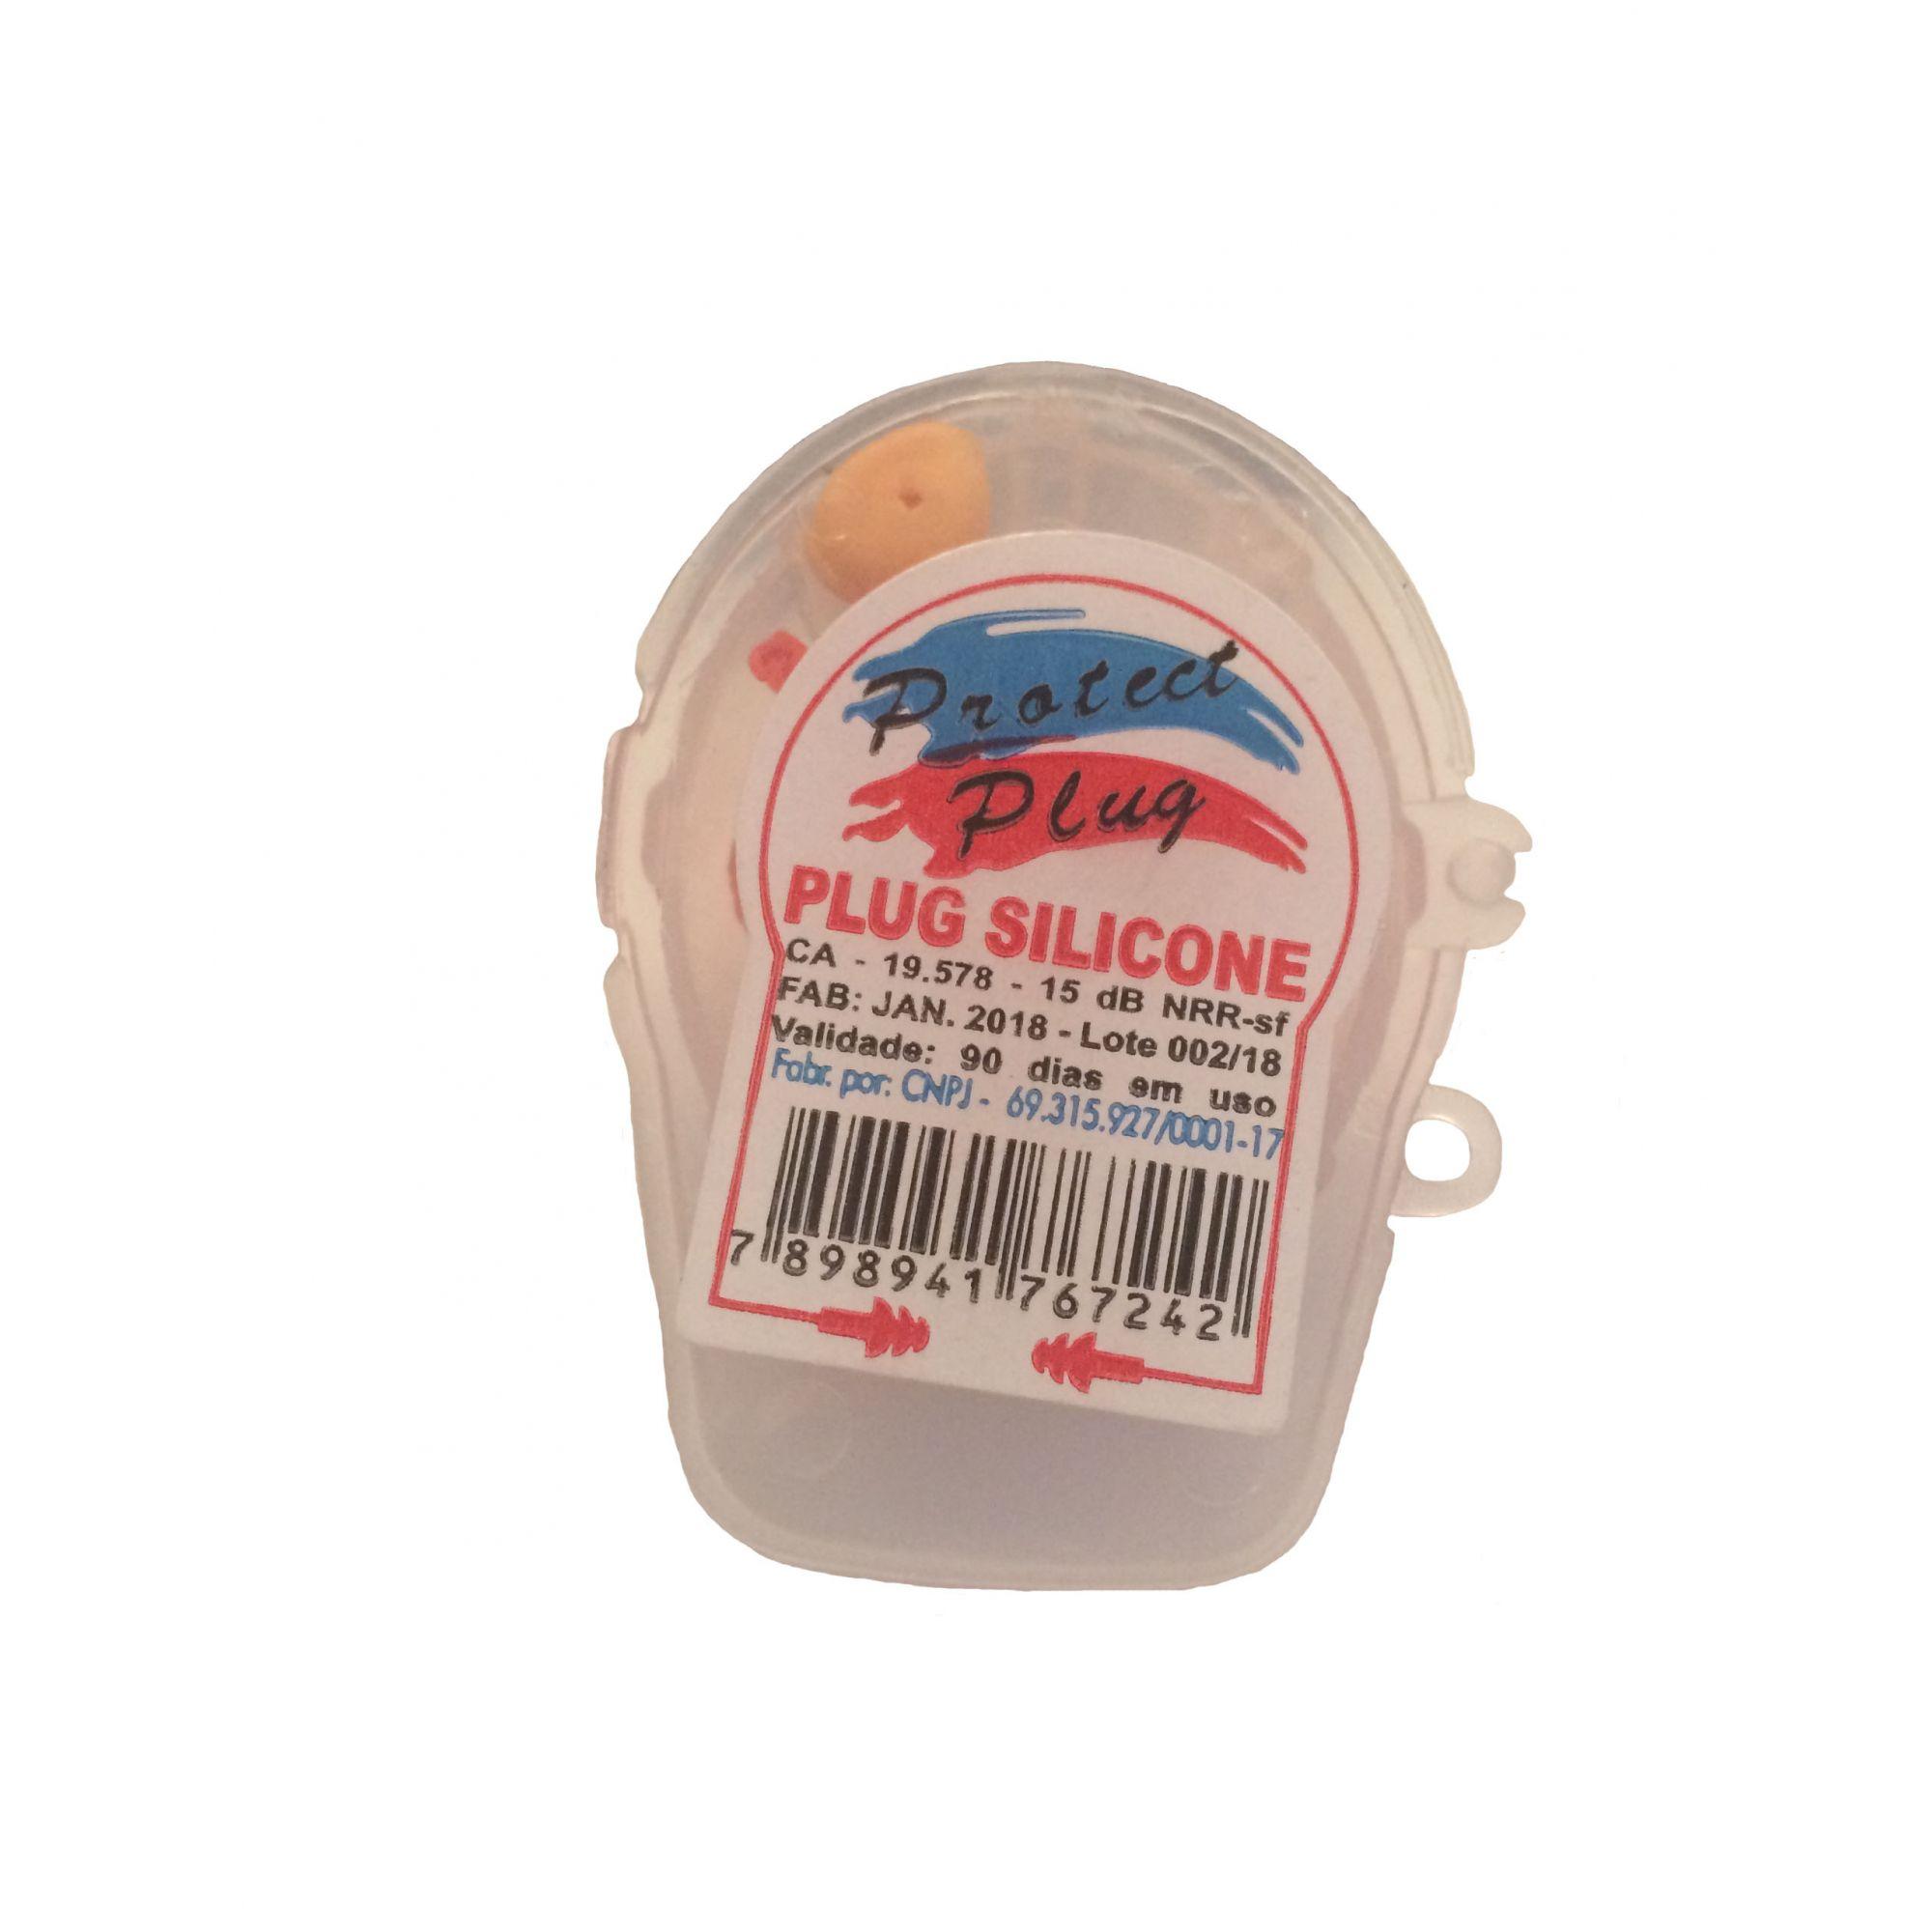 Protetor Auricular de Silicone 15dB em Embalagem de Capacete CA 19578 - Veaj Plast